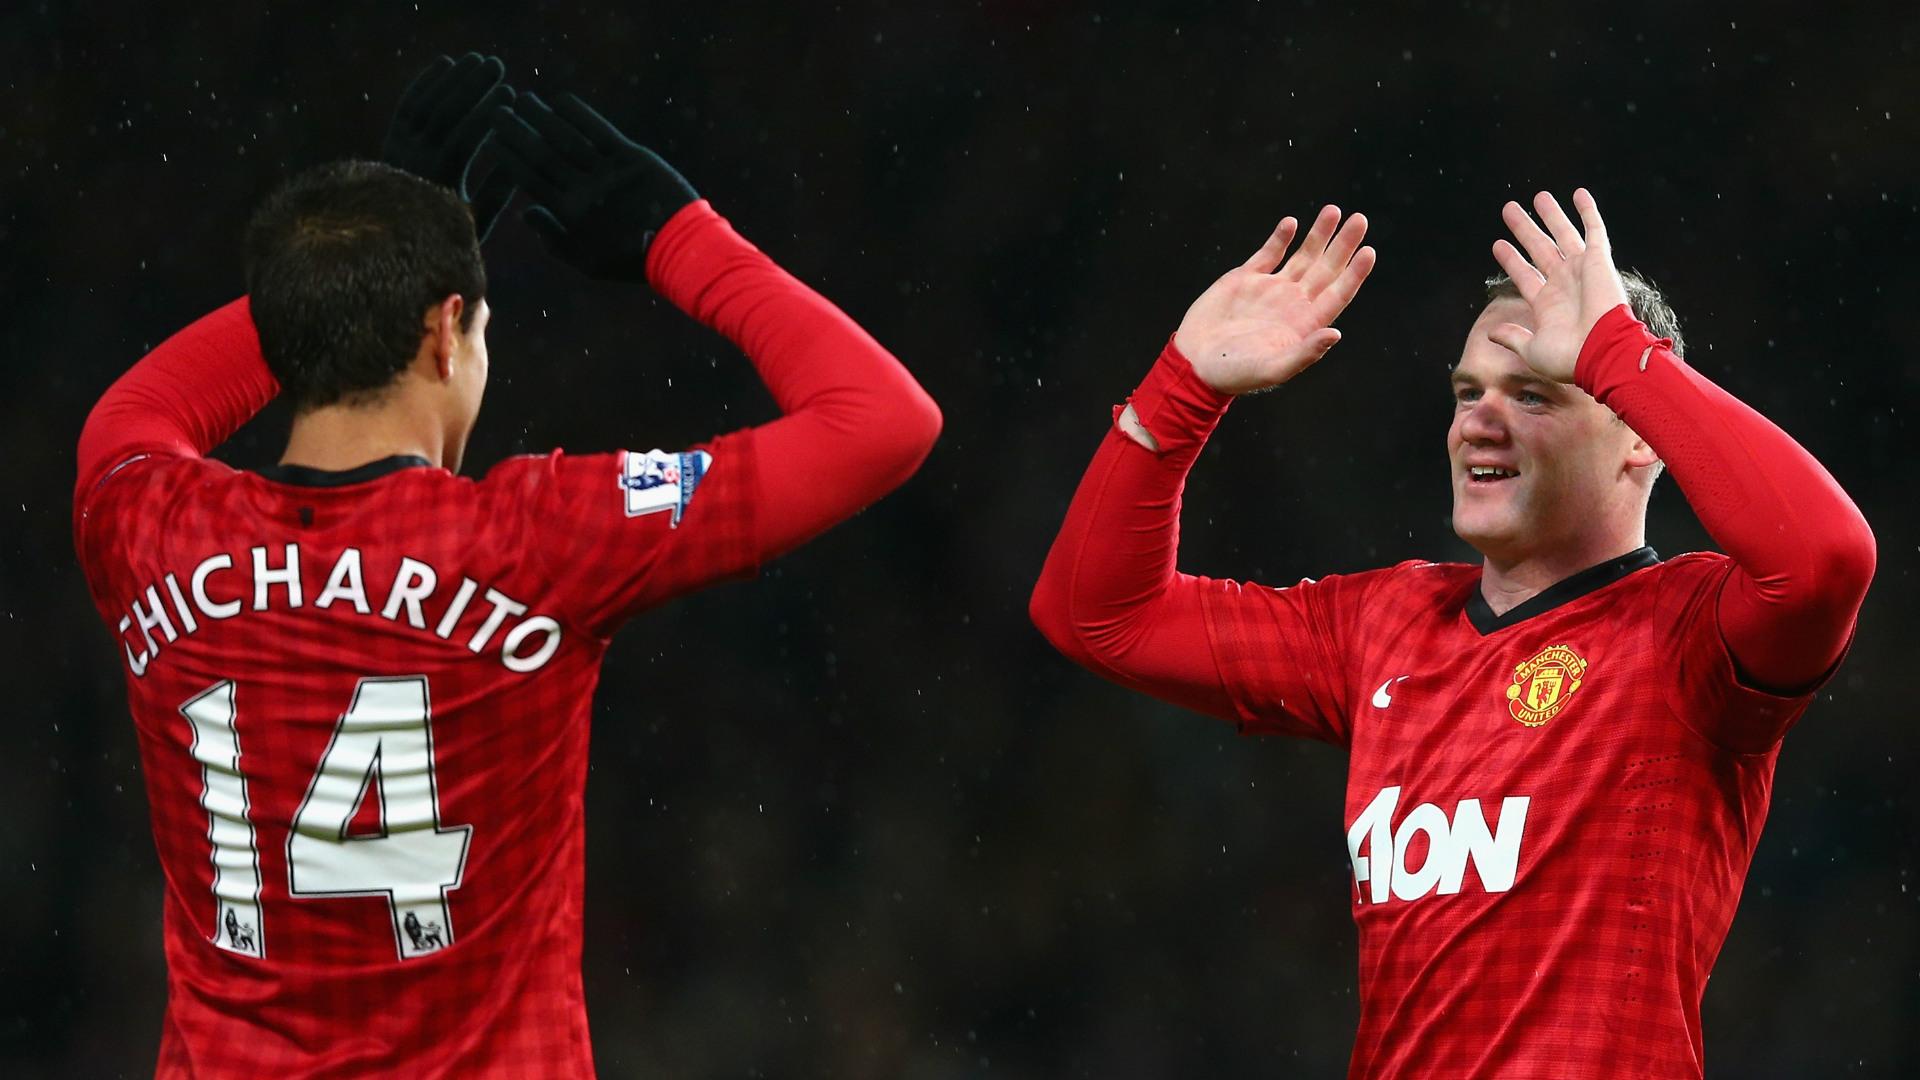 Javier Hernandez Chicharito Wayne Rooney Manchester United 26012013